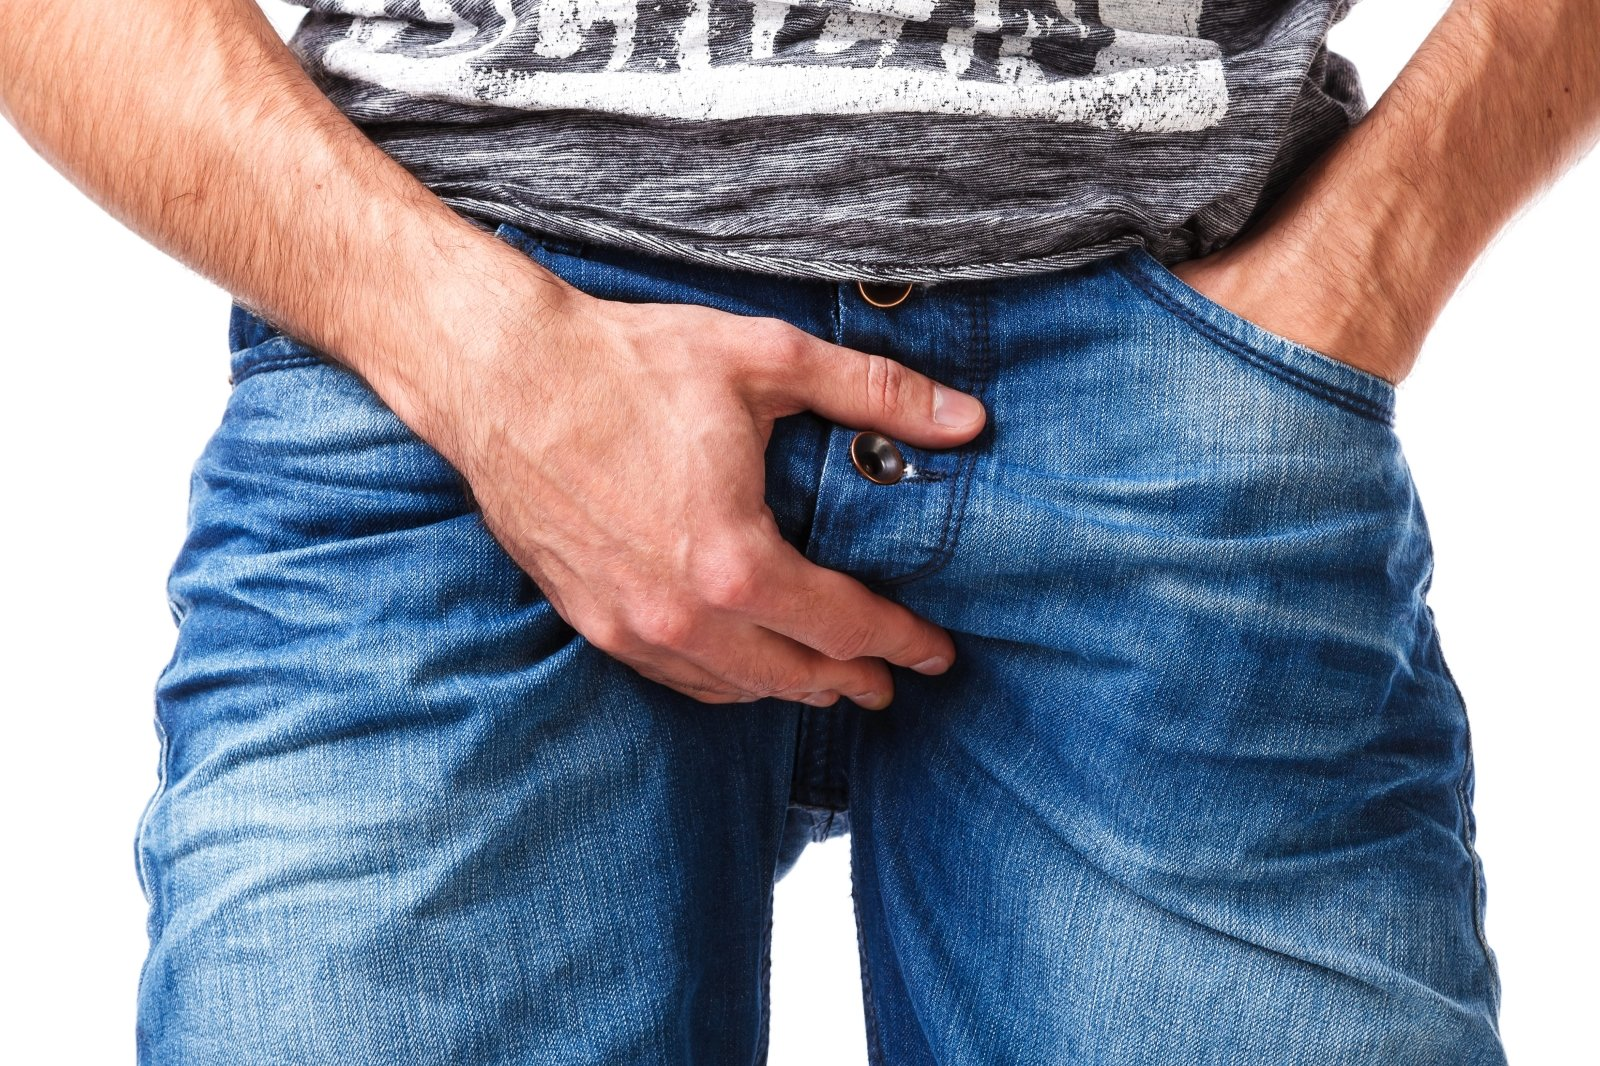 išgydyti erekcijos disfunkciją kaip padidinti varpa ir erekcija